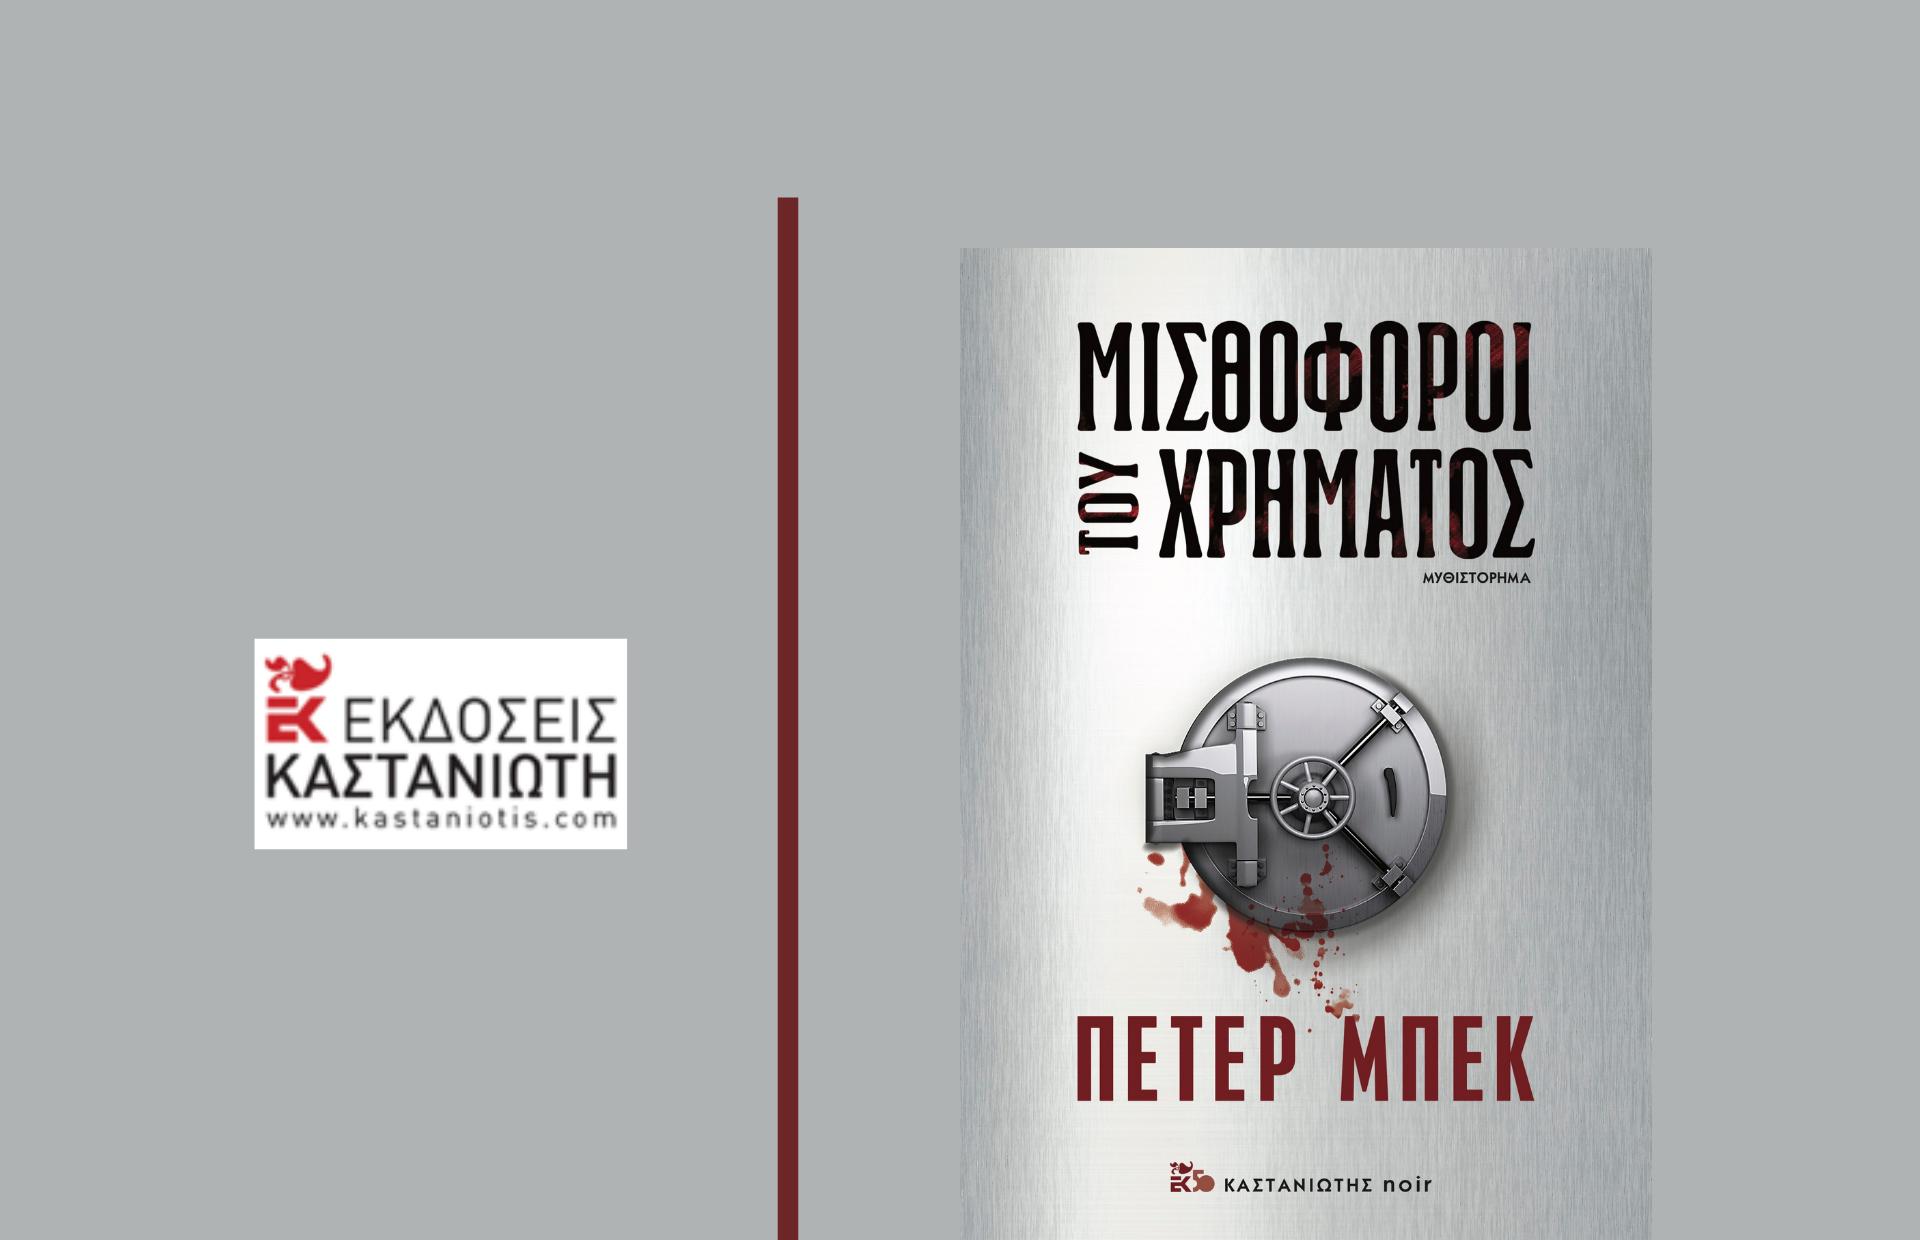 Μισθοφόροι του χρήματος, του Πέτερ Μπεκ | Εκδόσεις Καστανιώτη